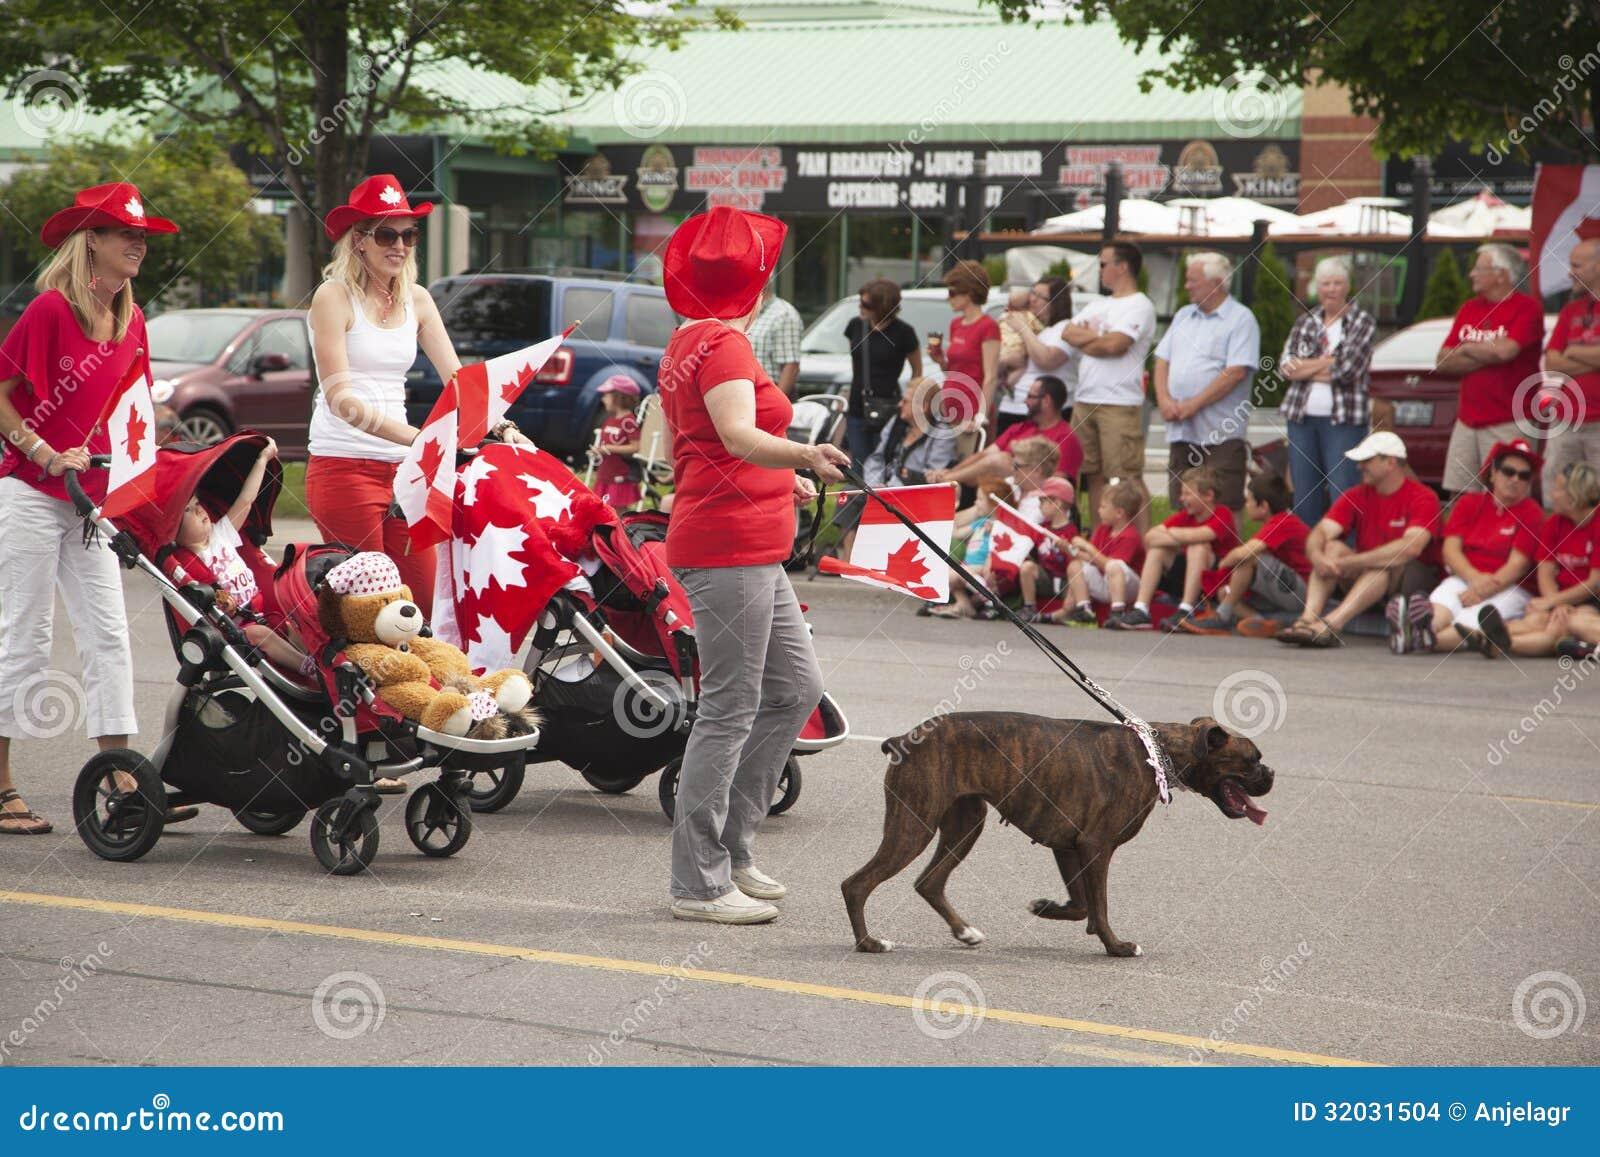 ΑΥΓΗ, ΟΝΤΑΡΙΟ, ΚΑΝΑΔΑΣ 1 ΙΟΥΛΊΟΥ: Καναδάς ημέρα Parad σε μέρος της νέας οδού στην αυγή την 1η Ιουλίου 2013